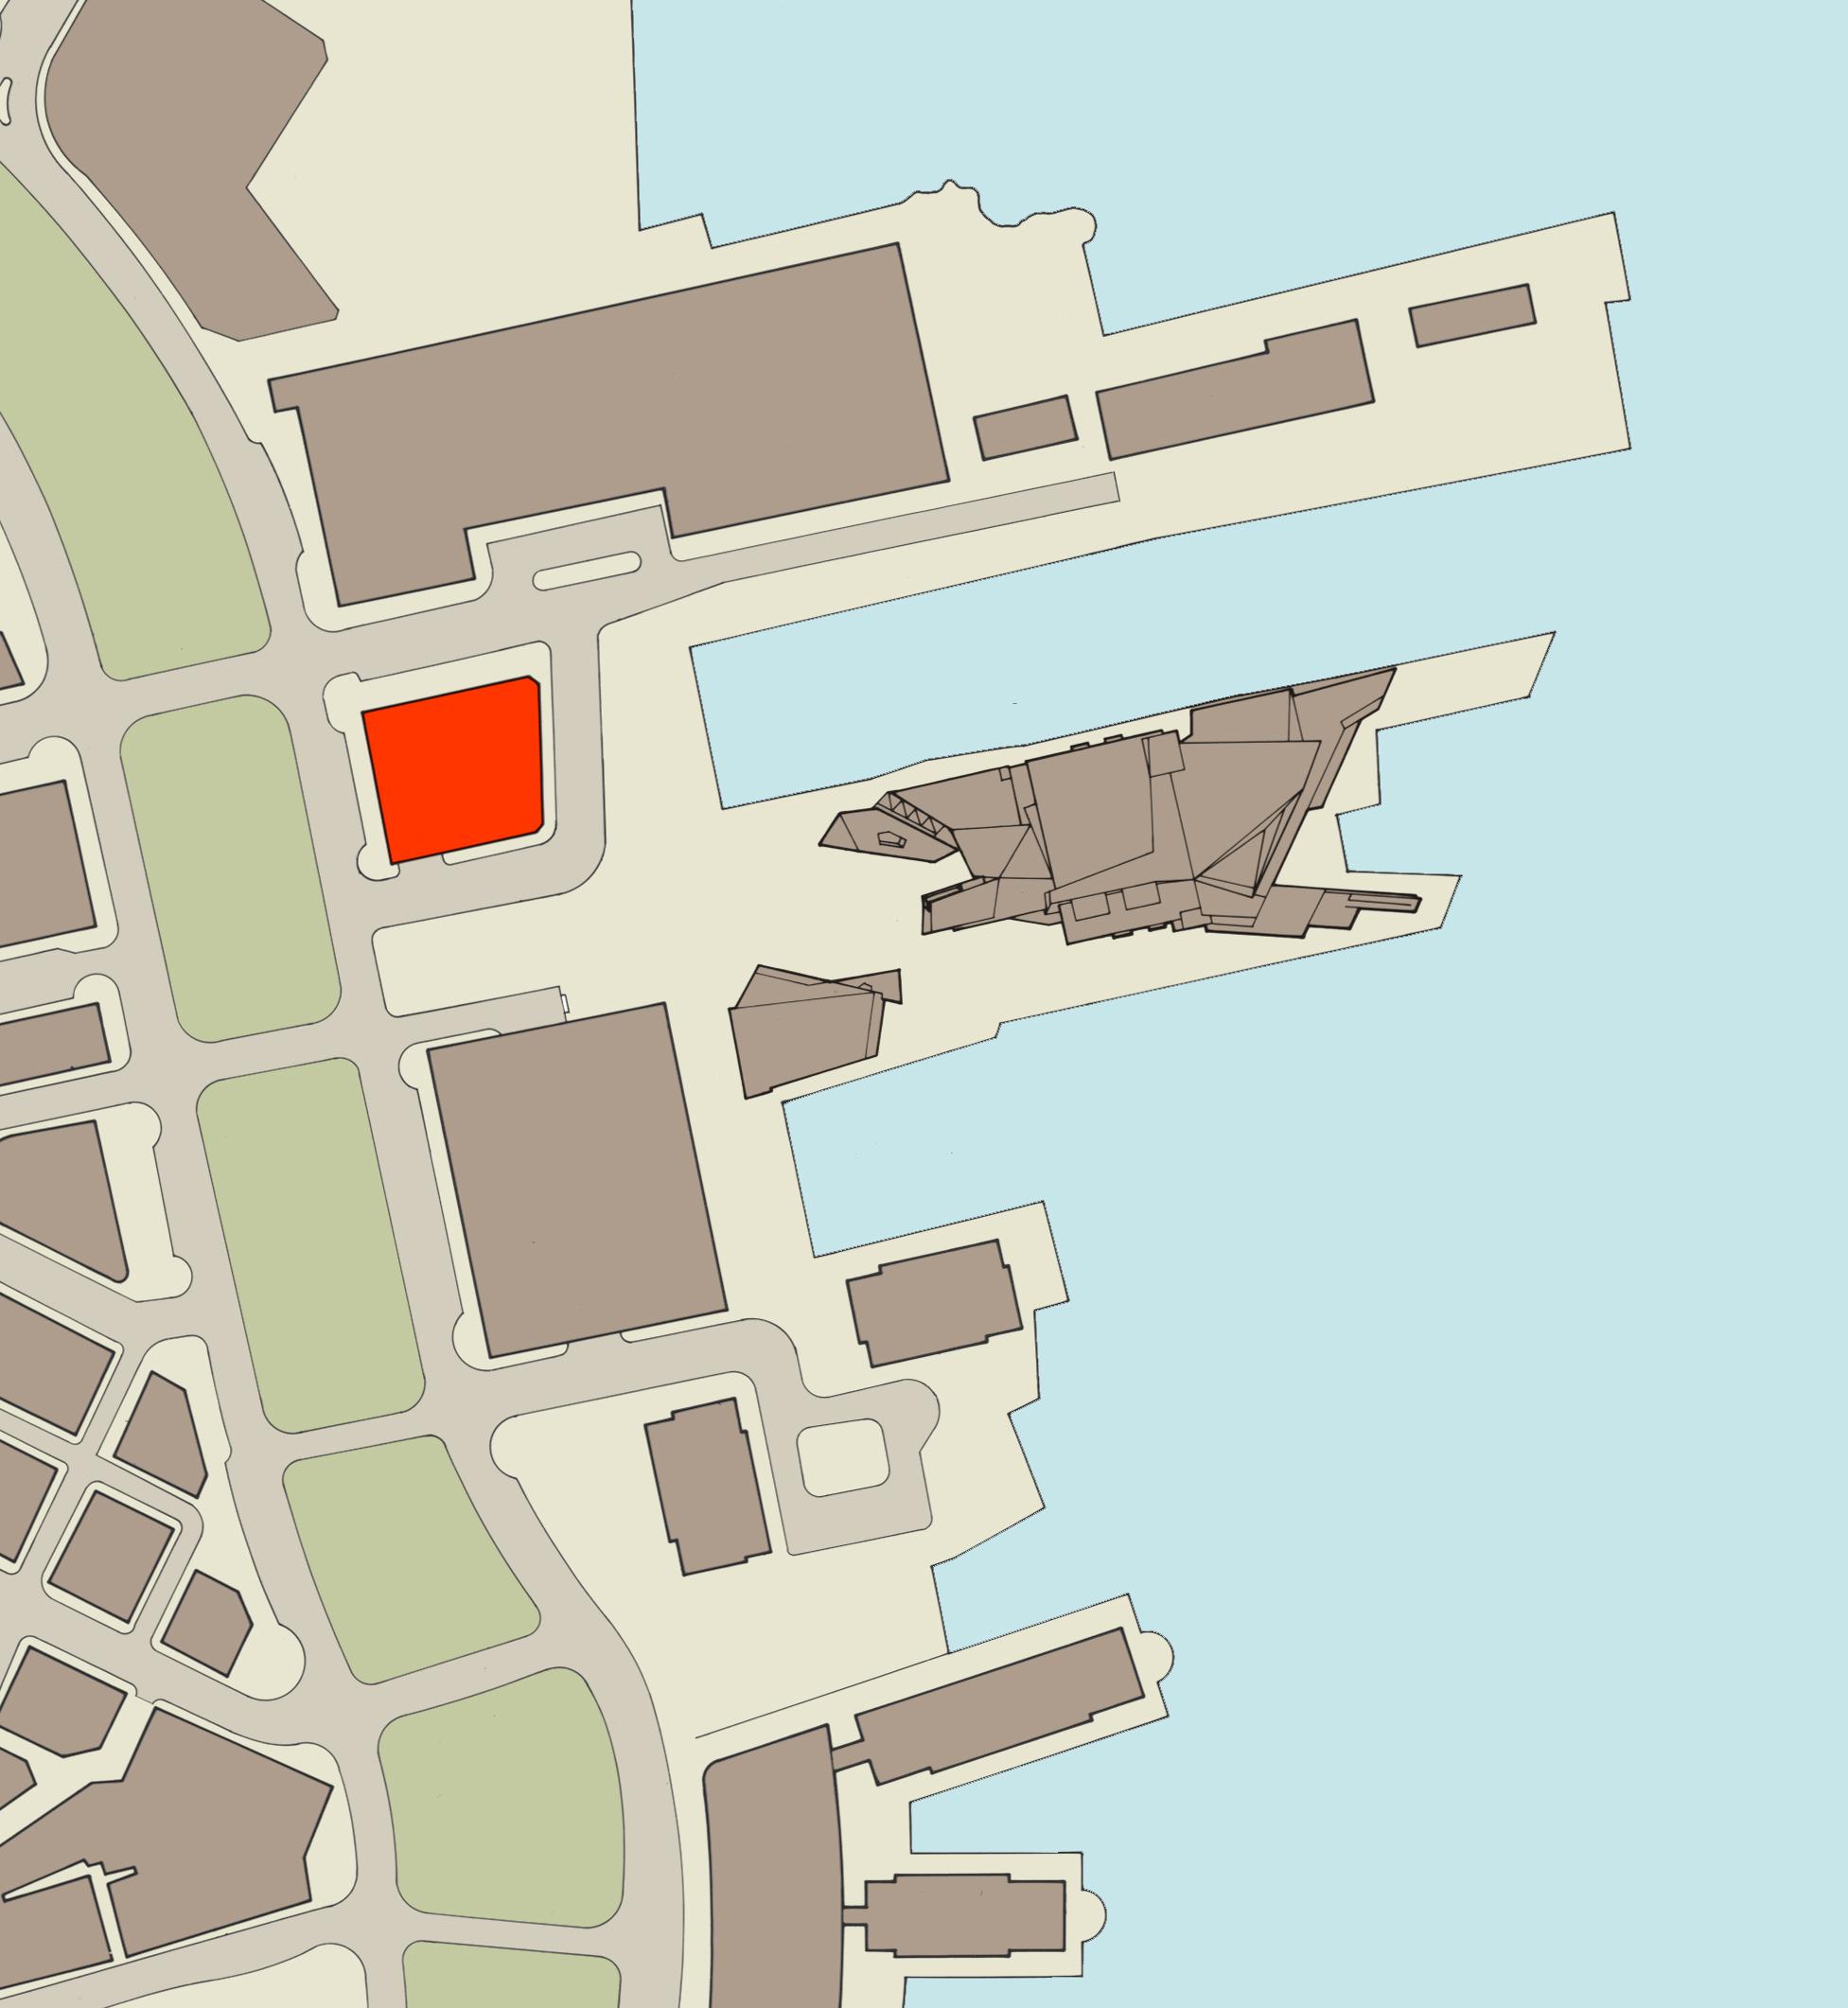 255-StateSt-siteplan.jpg